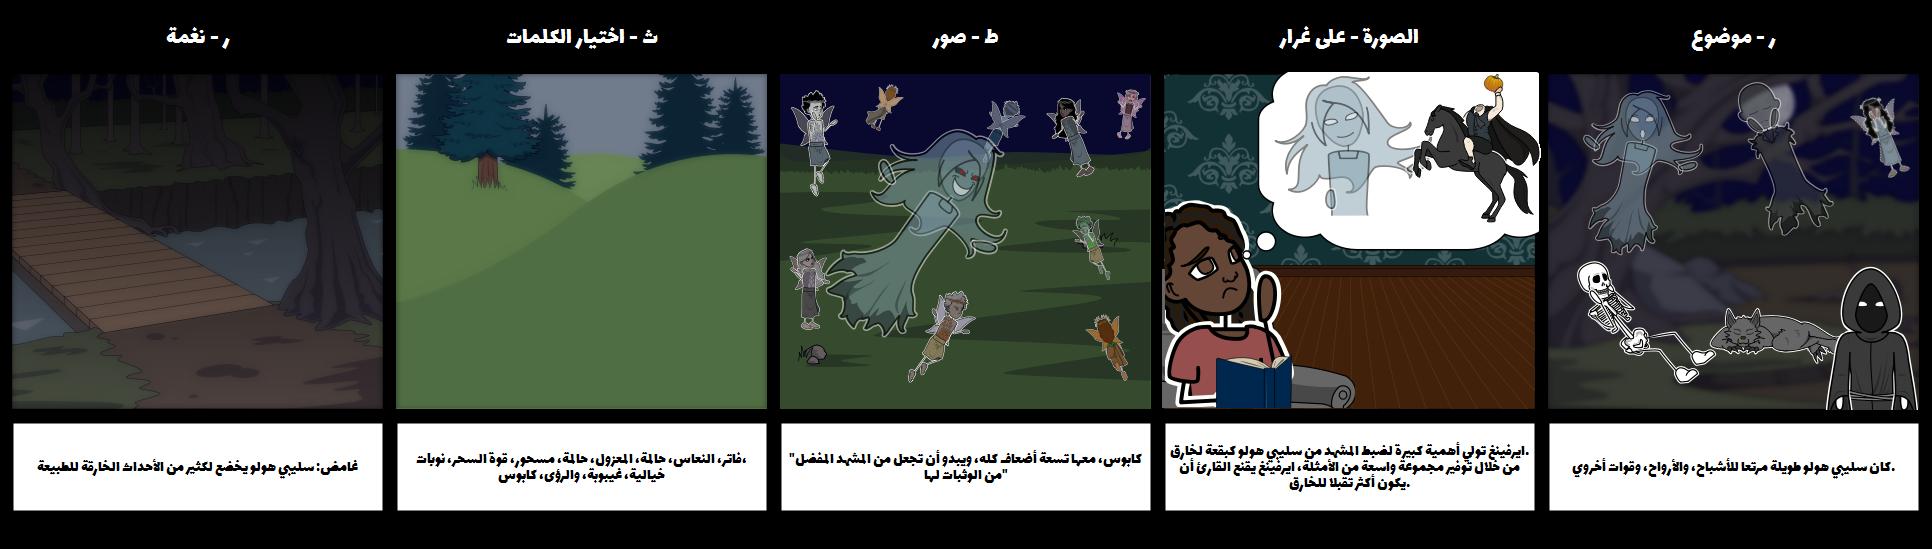 أسطورة تويست جوفاء نعسان Storyboard par ar-examples